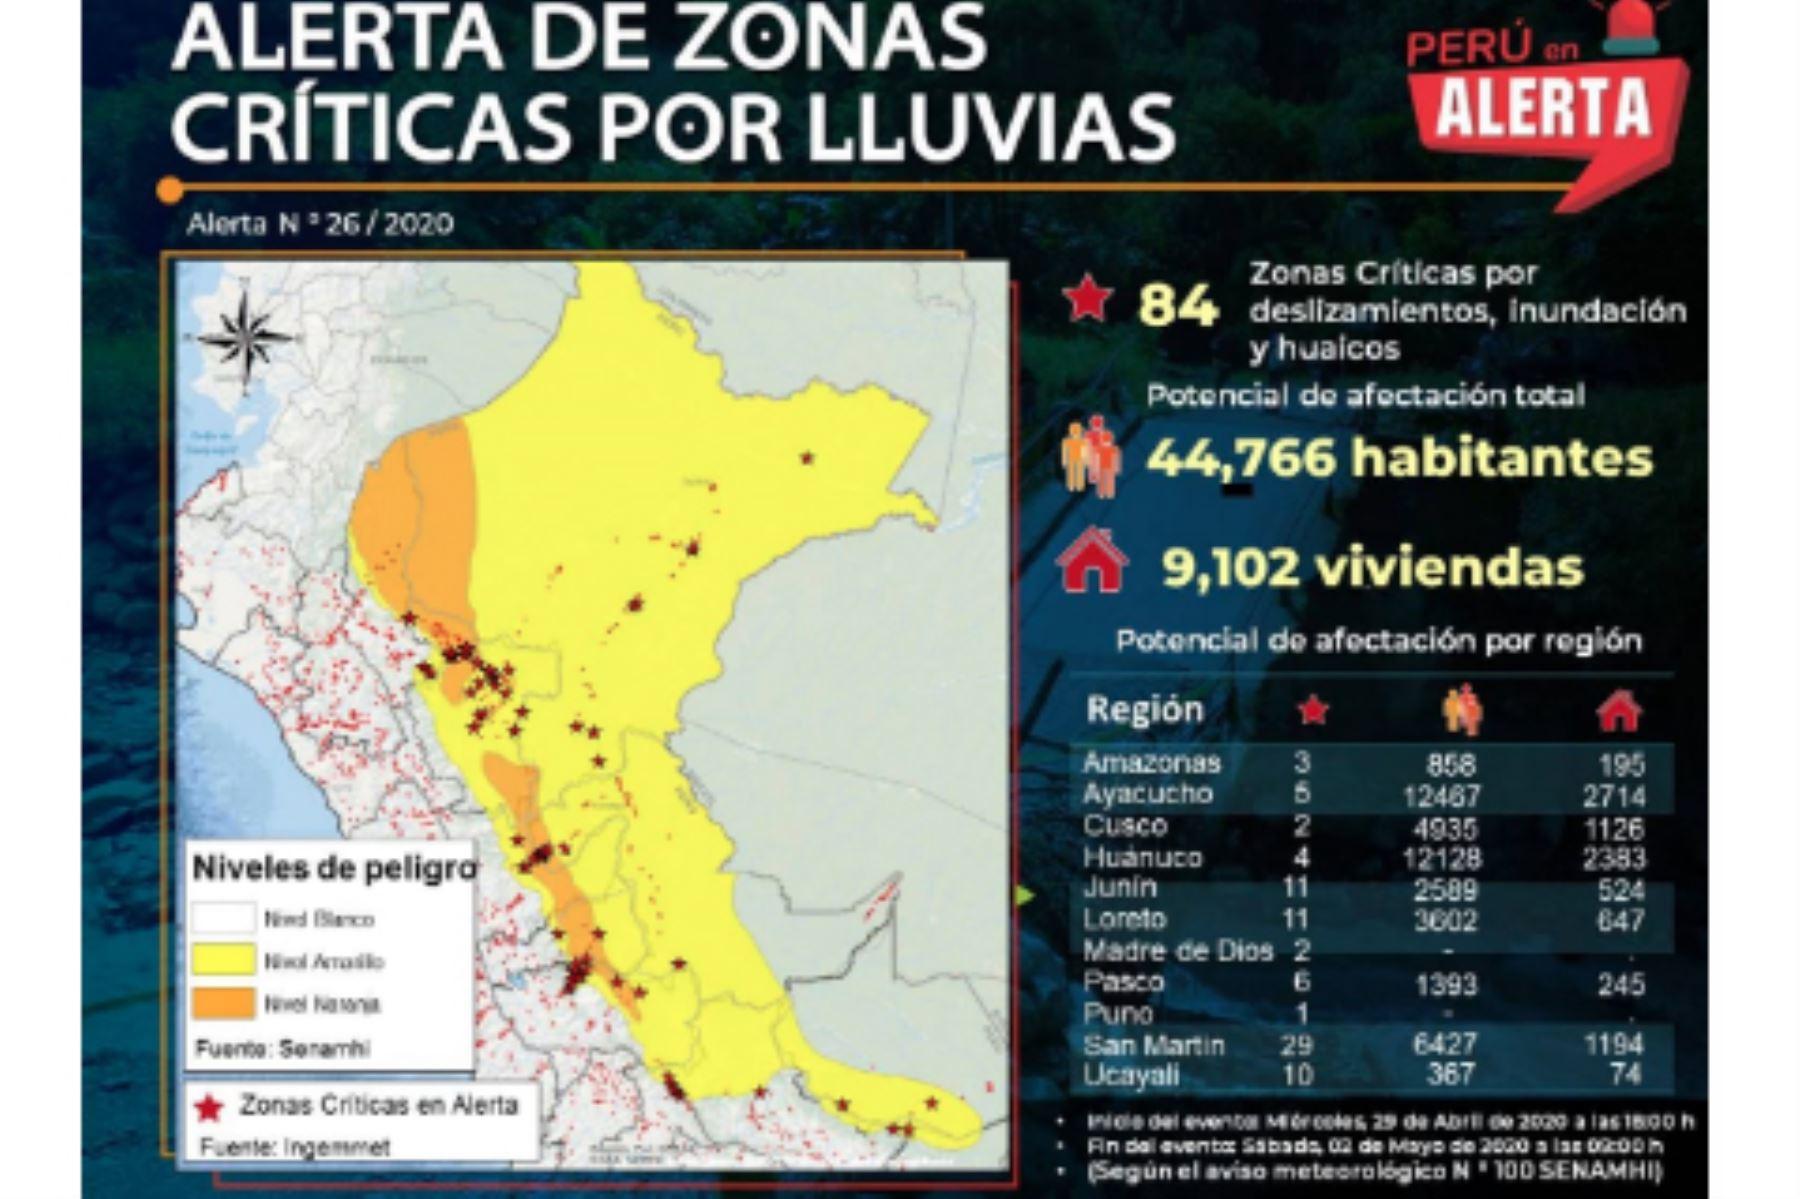 En 11 regiones del país hay 84 zonas críticas en alerta por lluvias en la Selva. Foto: ANDINA/Difusión